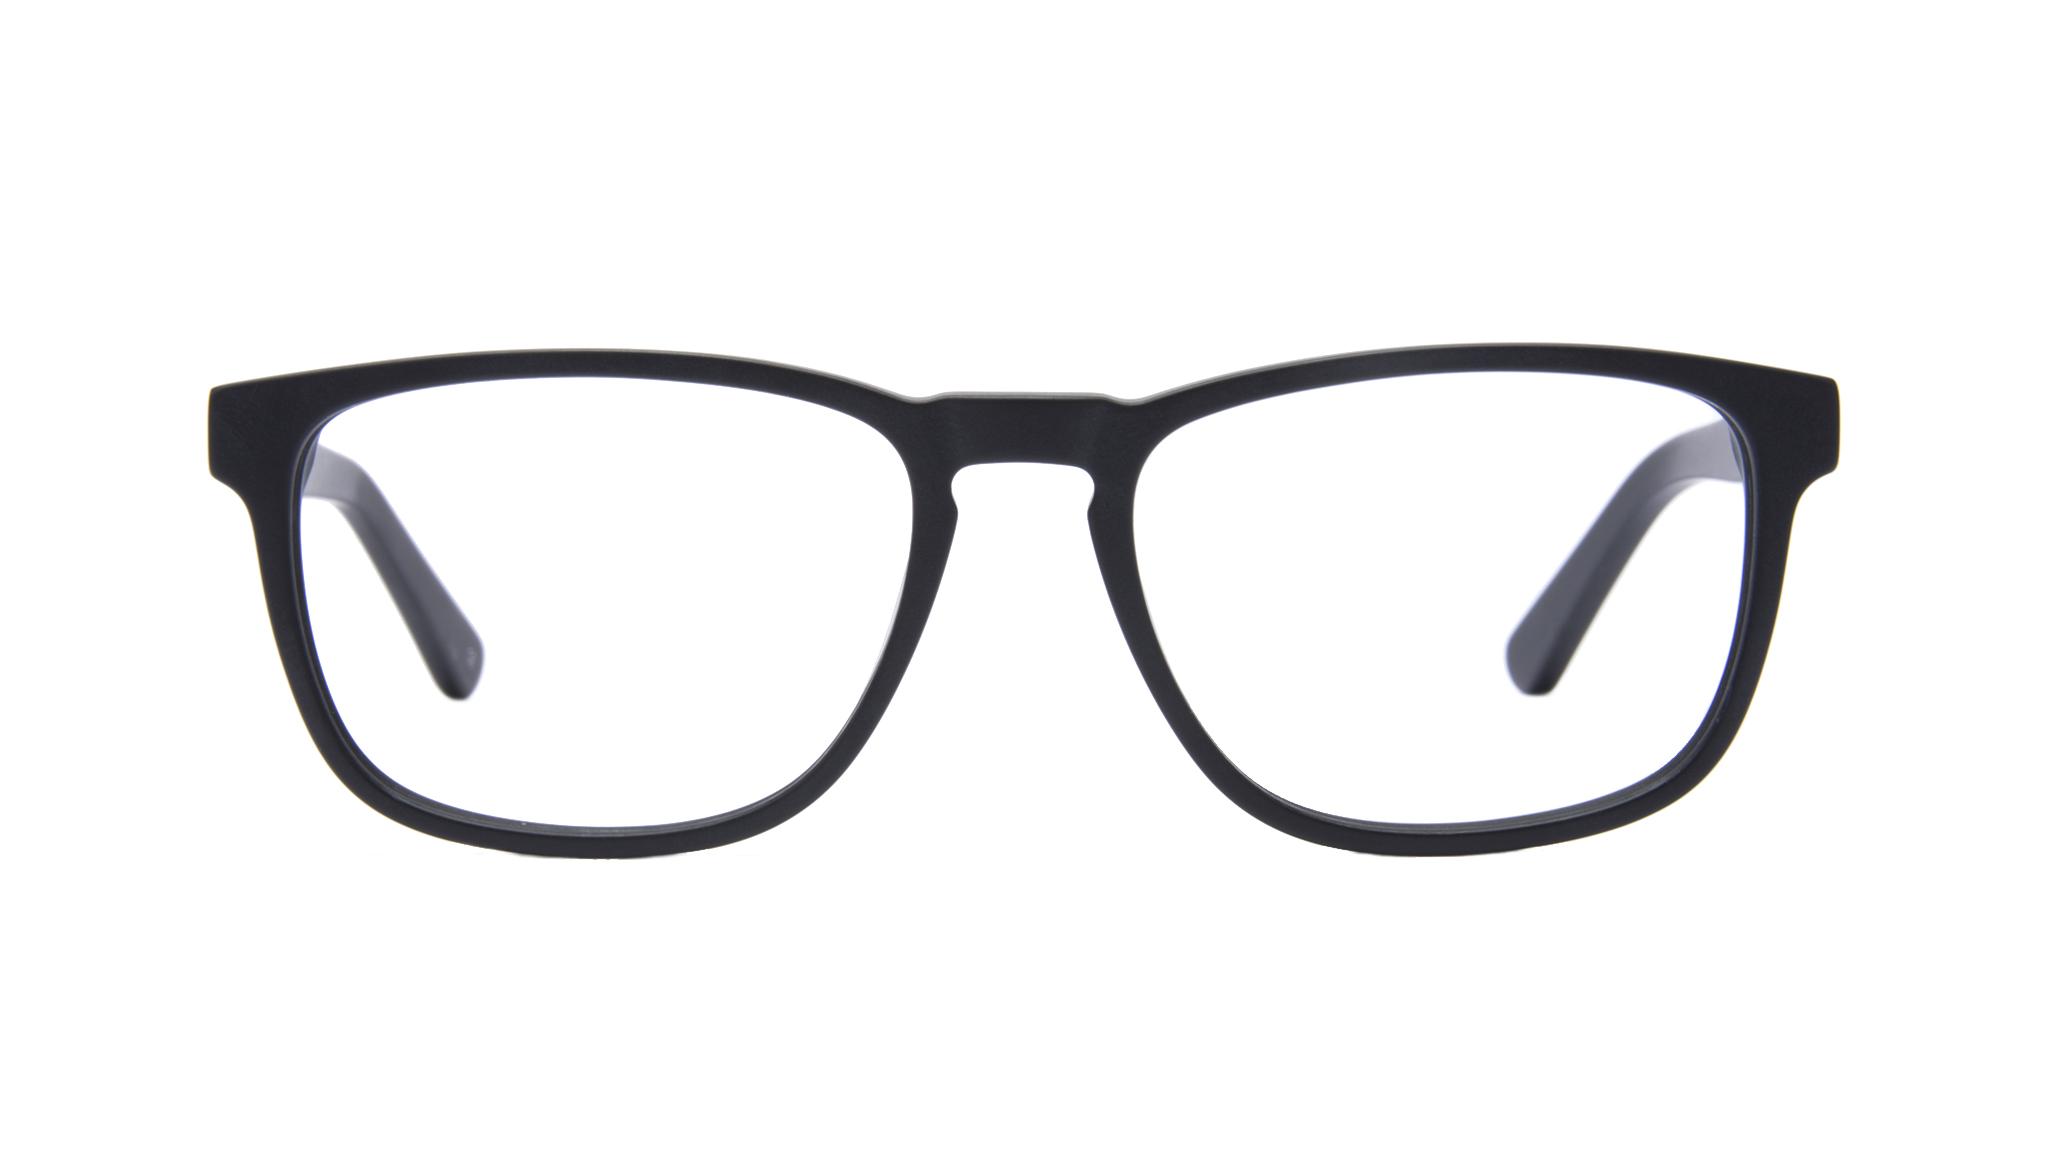 4552baf9e57a7c Lunettes tendance rectangle lunettes de vue hommes loft matte black jpg  1600x916 Montures lunettes homme quebec